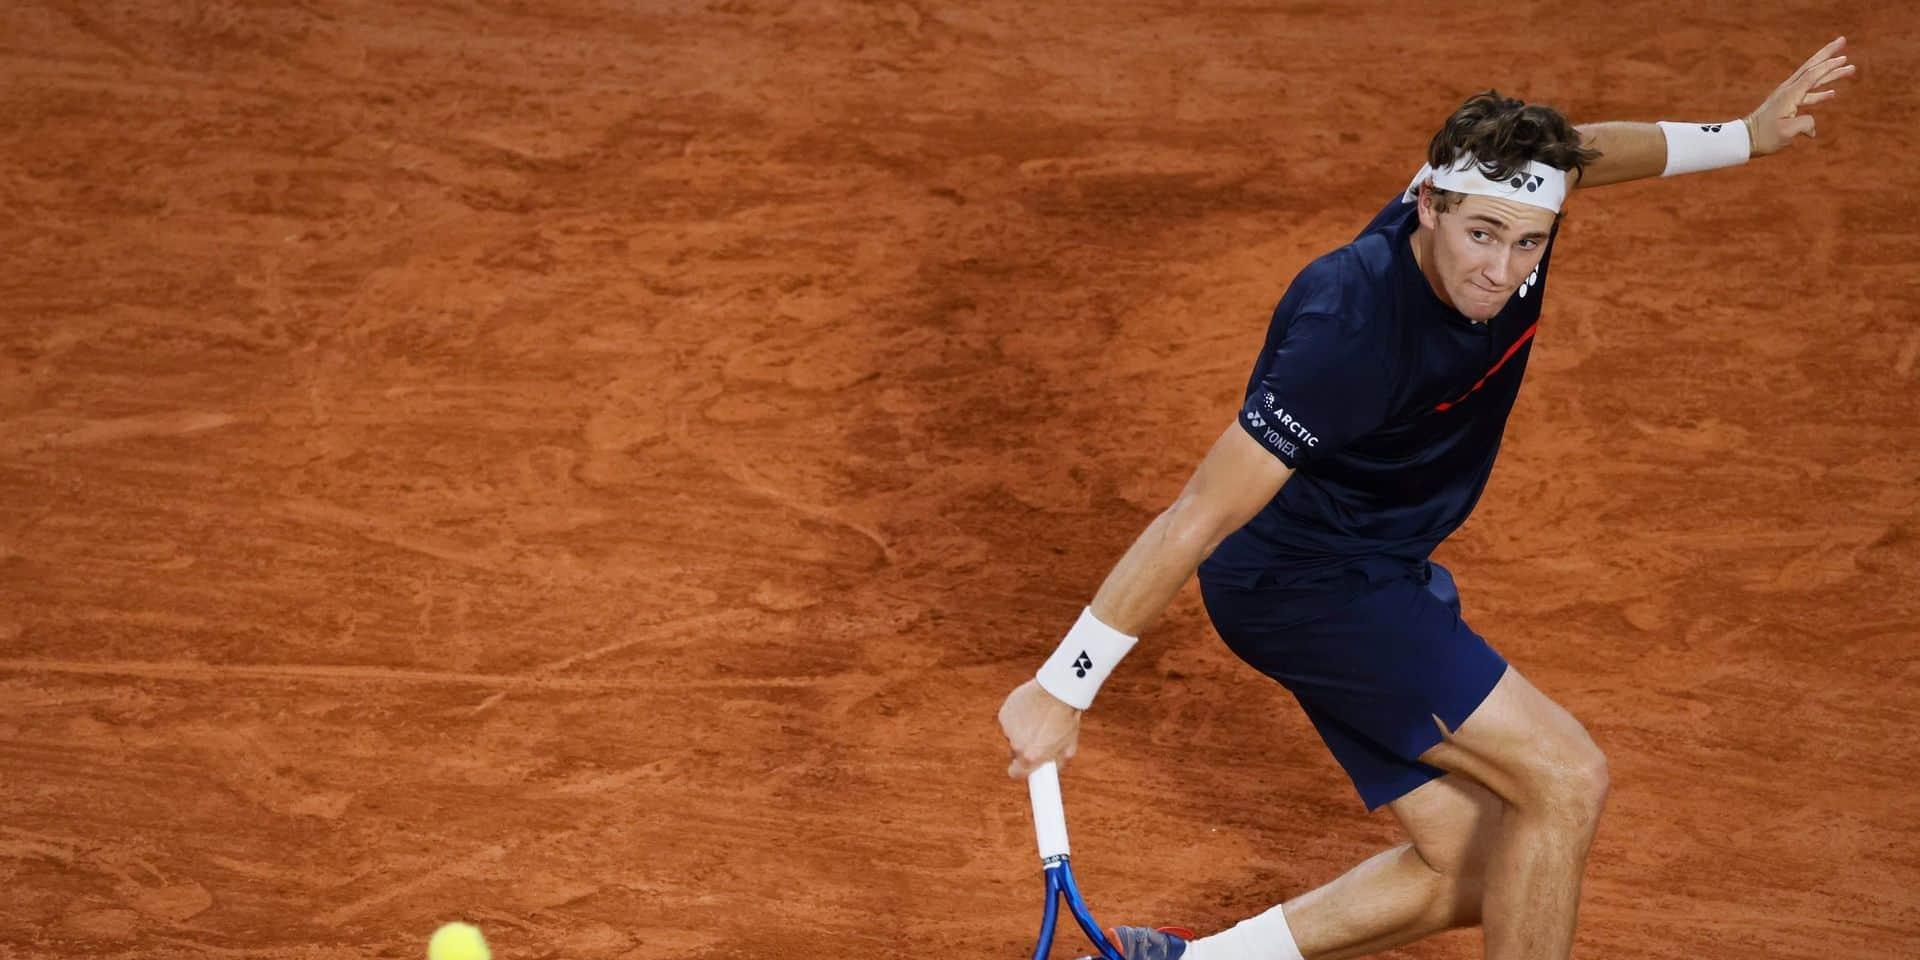 Roland-Garros: Hugo Gaston, 239e mondial, en 8e de finale en battant Wawrinka en 5 sets, Thiem bat Ruud, Nadal expéditif face à Travaglia